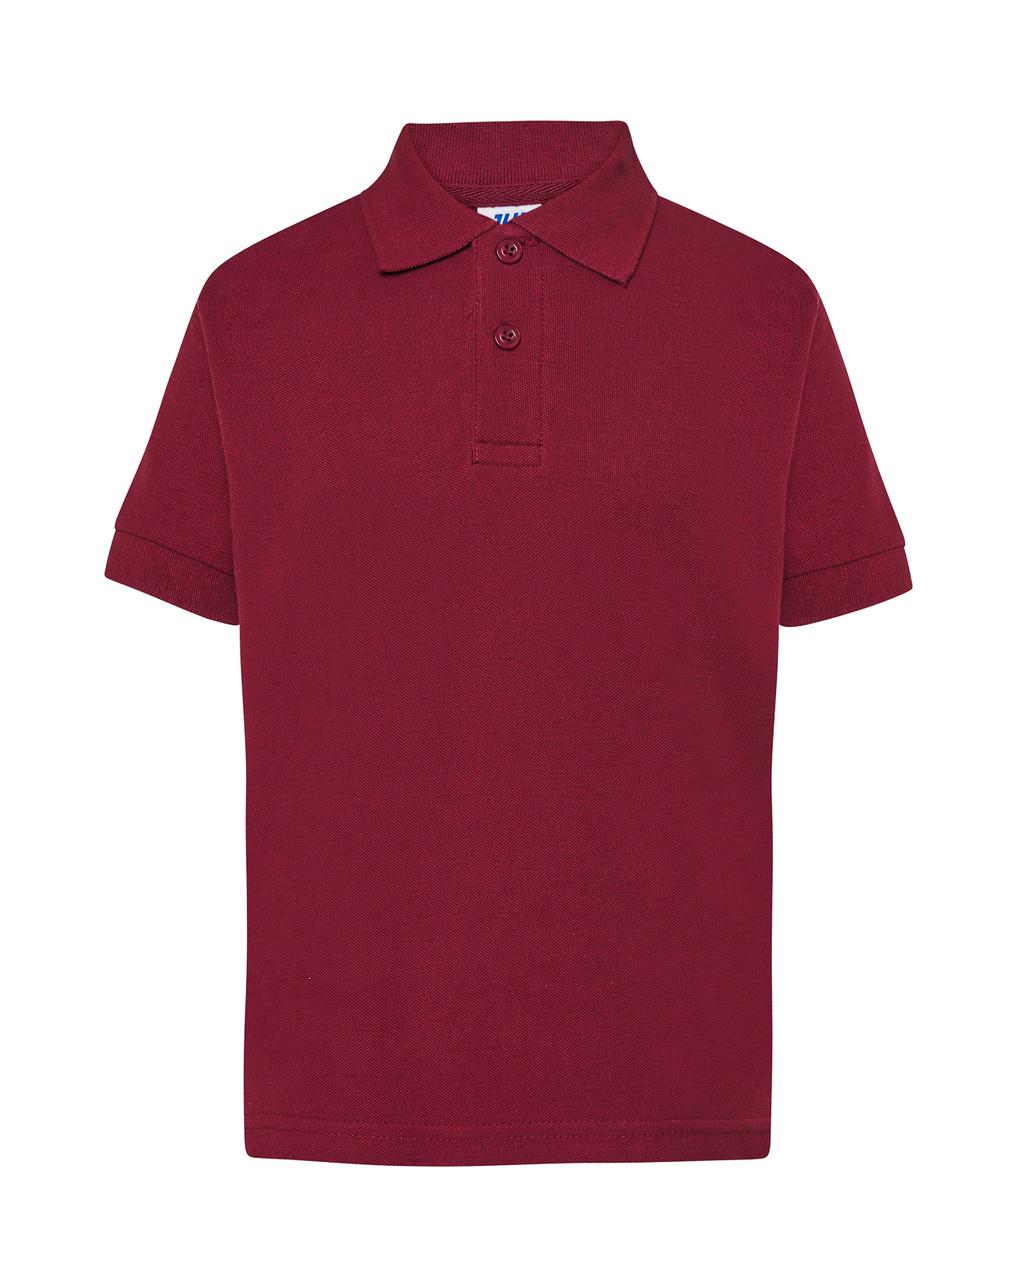 Детская футболка-поло JHK KID POLO цвет бордовый (BU)